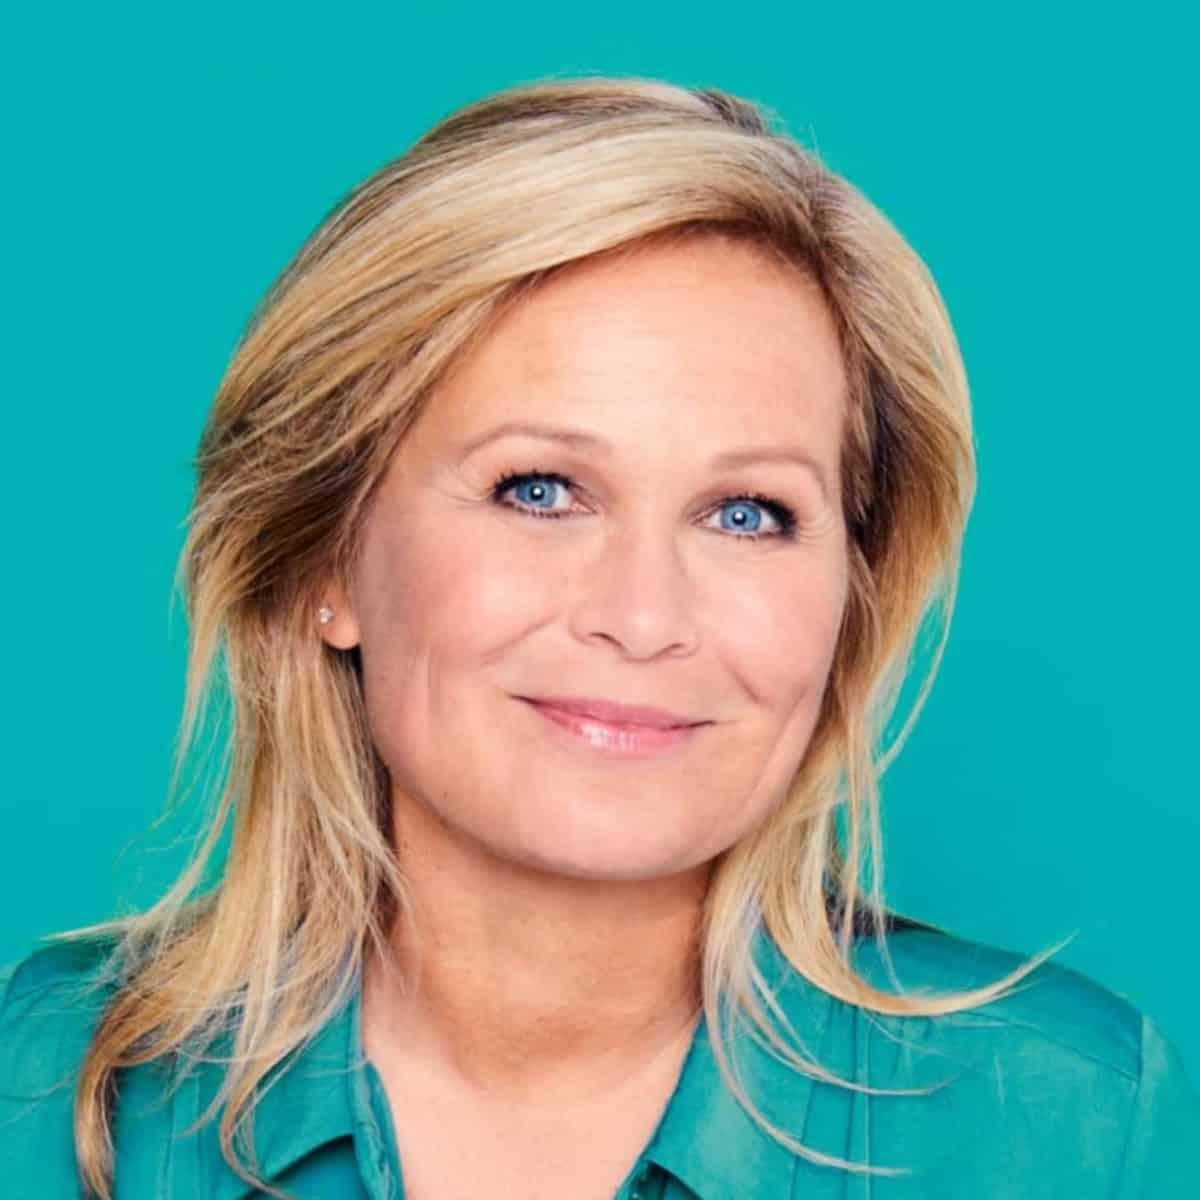 Christine-van-Dalen-pasfoto-Bureau-voor-Reuring-2